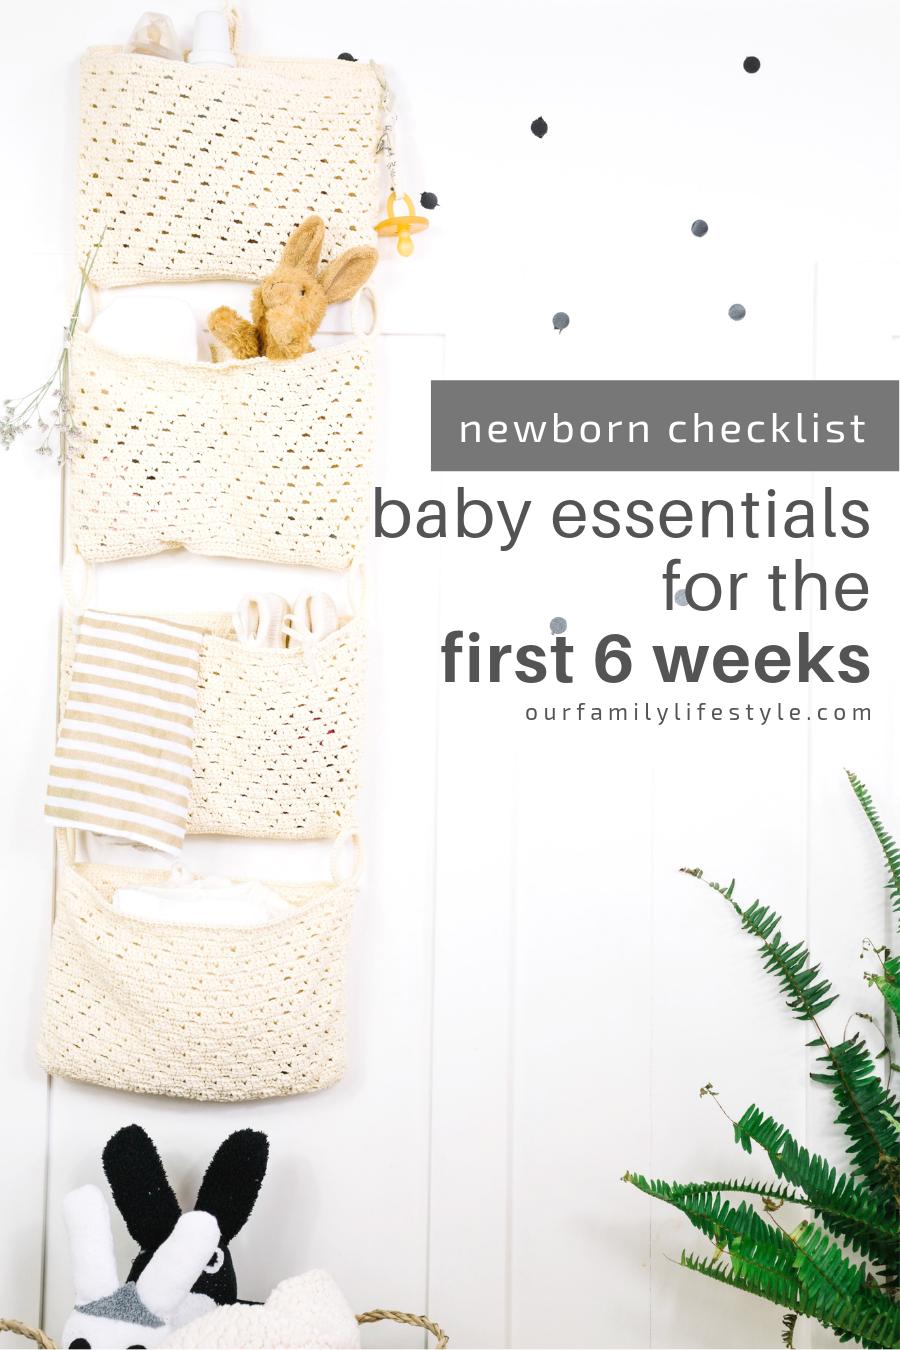 Newborn Checklist Baby Essentials for the First 6 Weeks